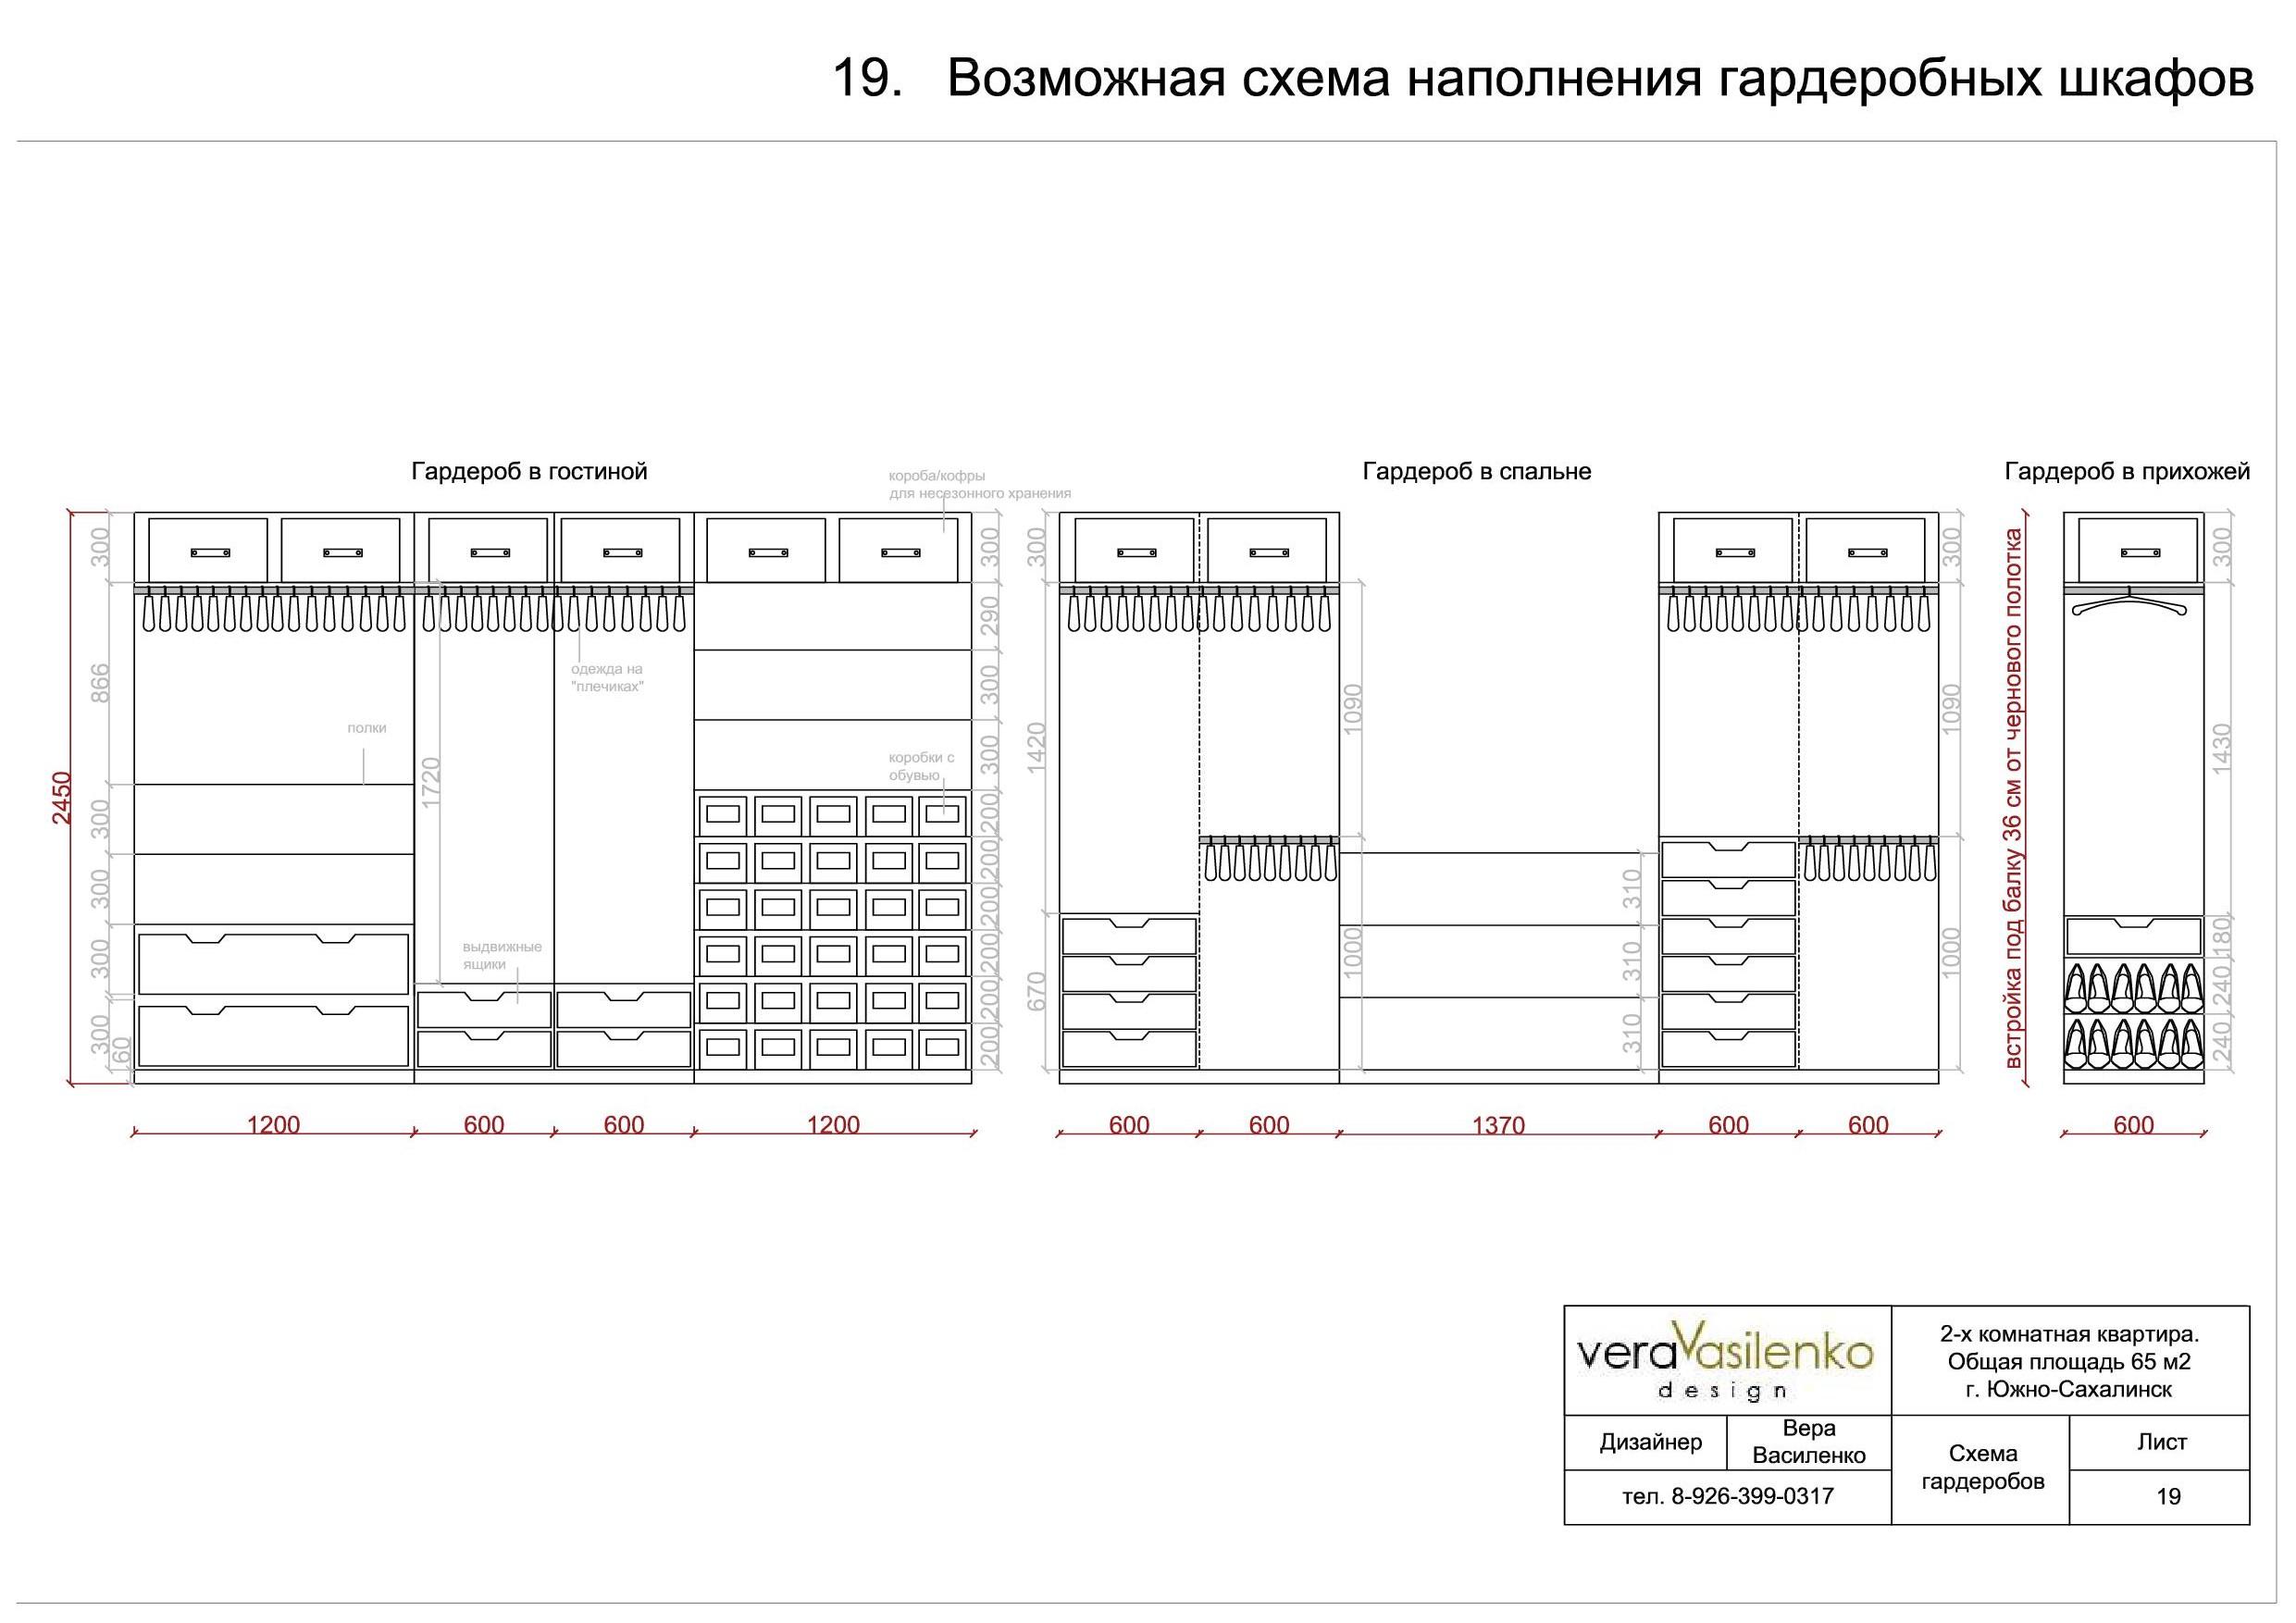 19. Схемы шкафов